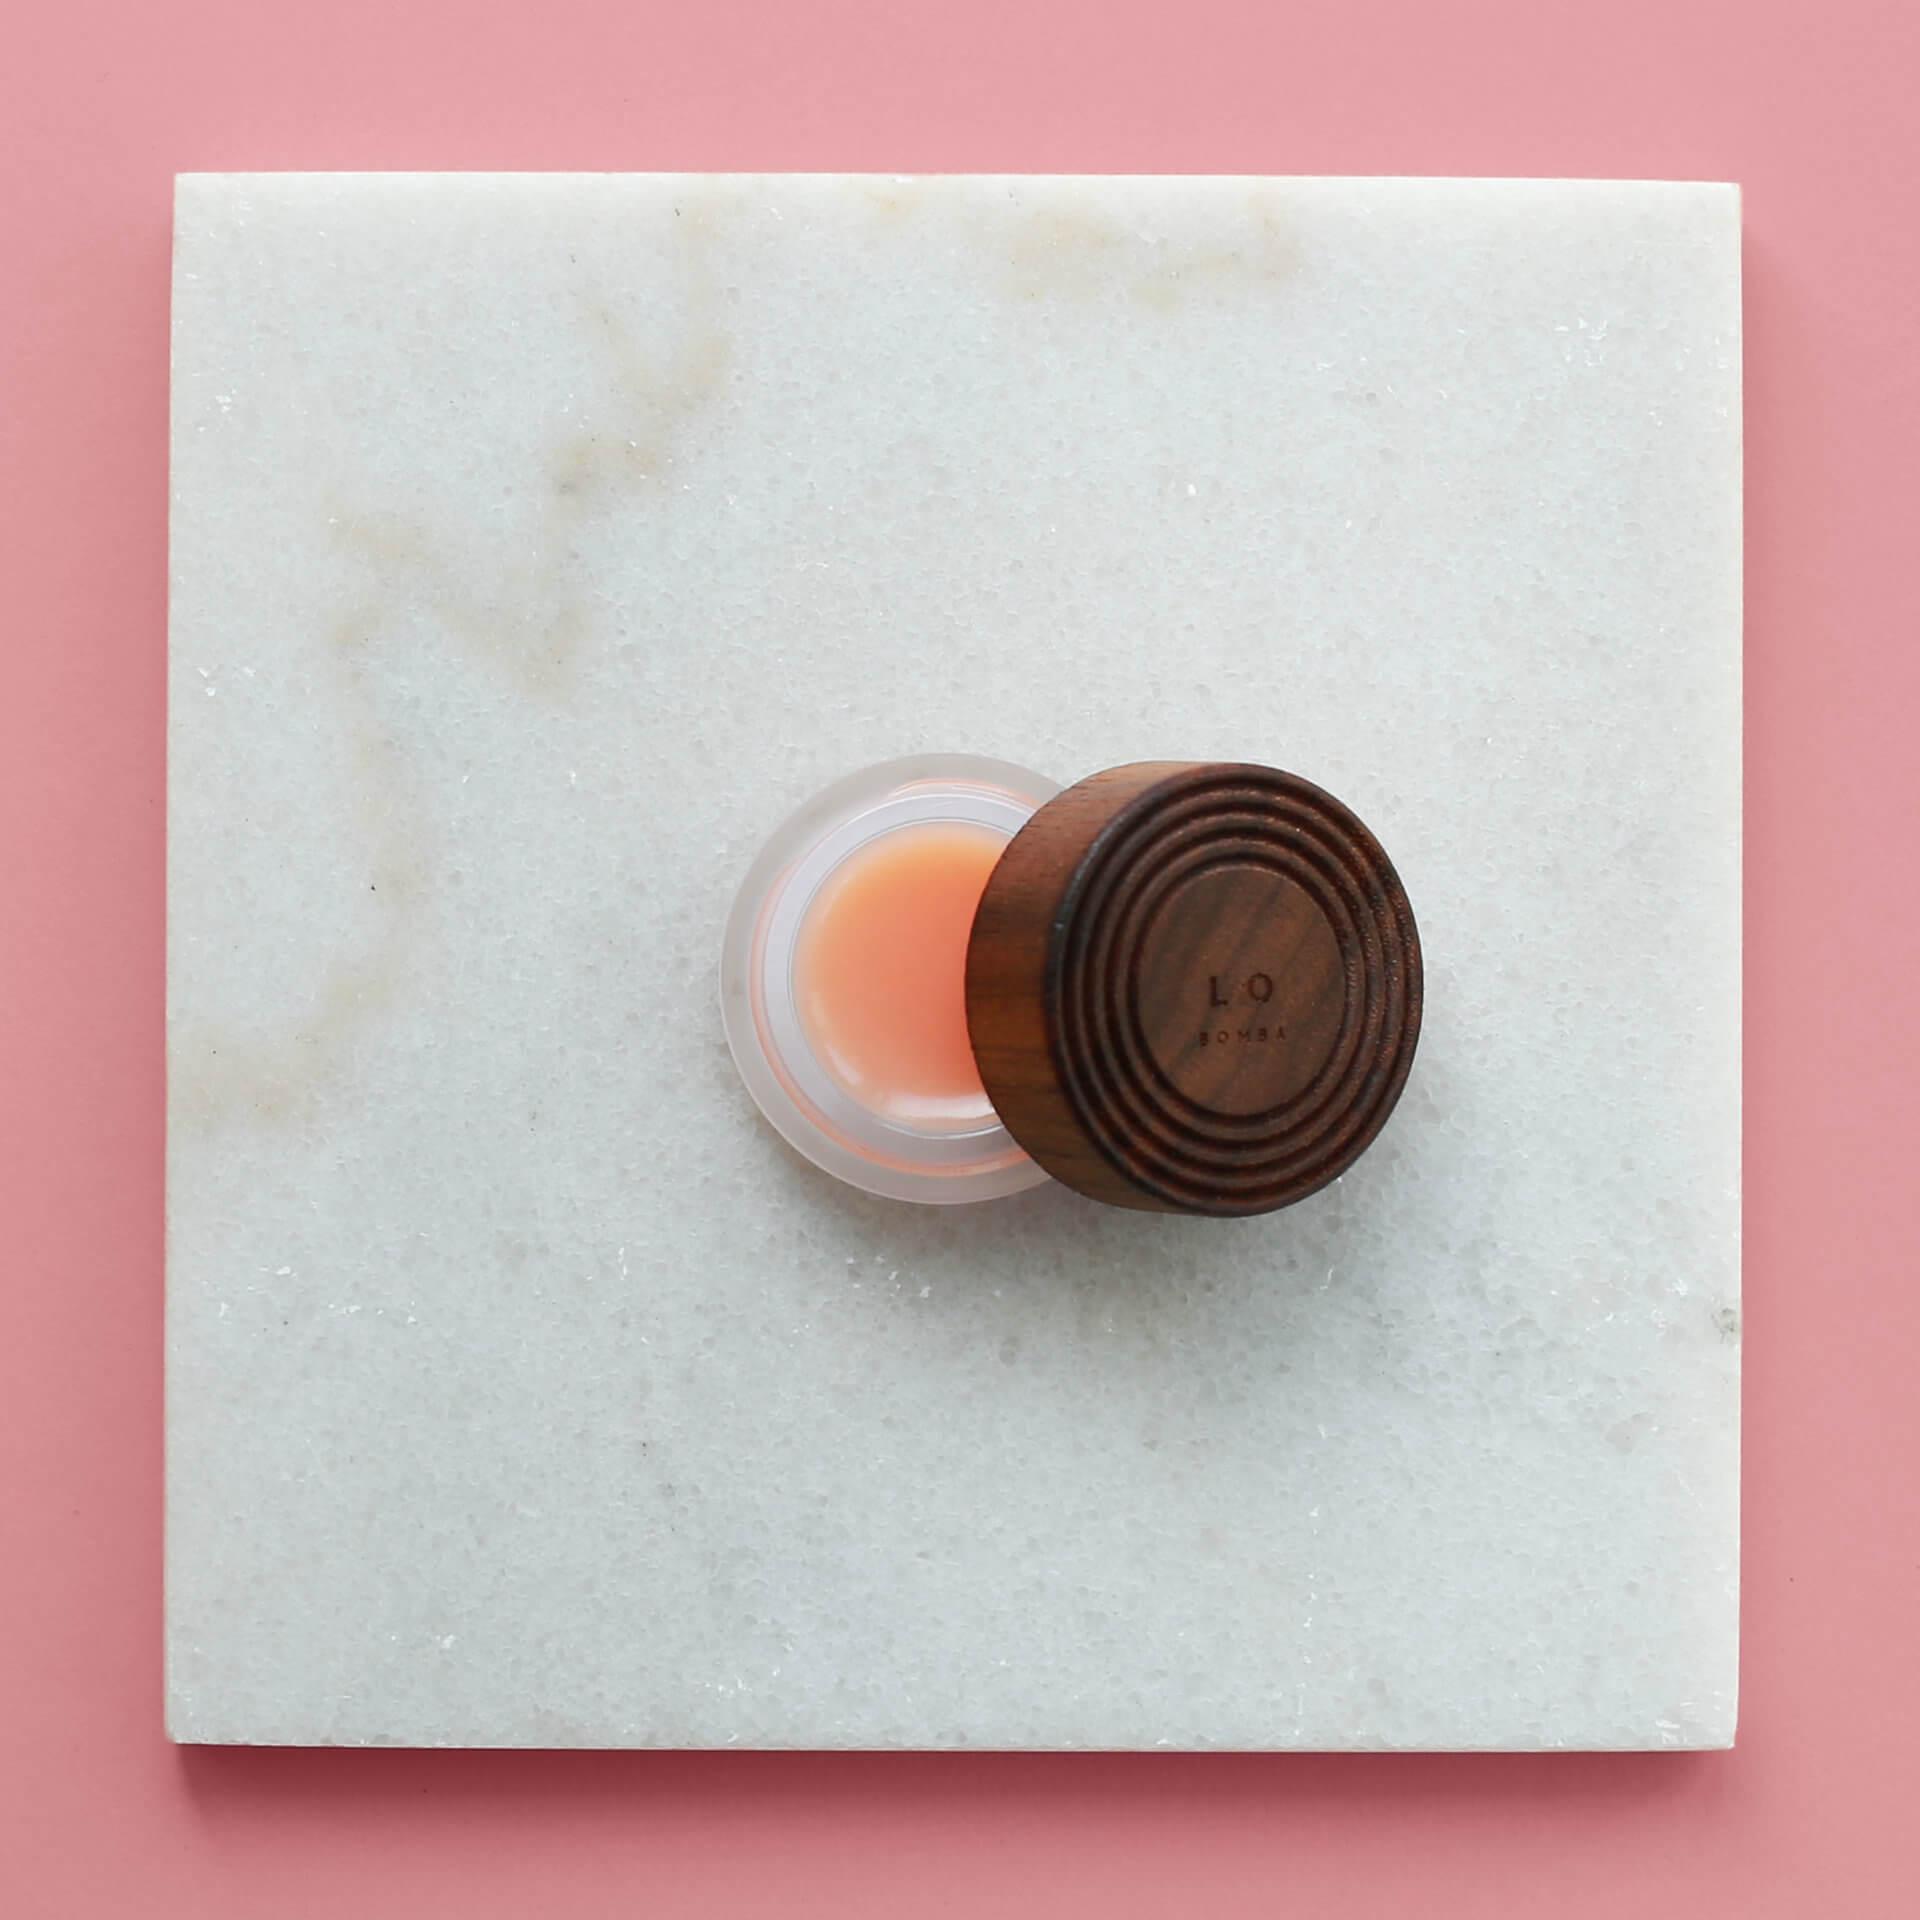 LO Amsterdam Bomba plastic-free natural lip balm